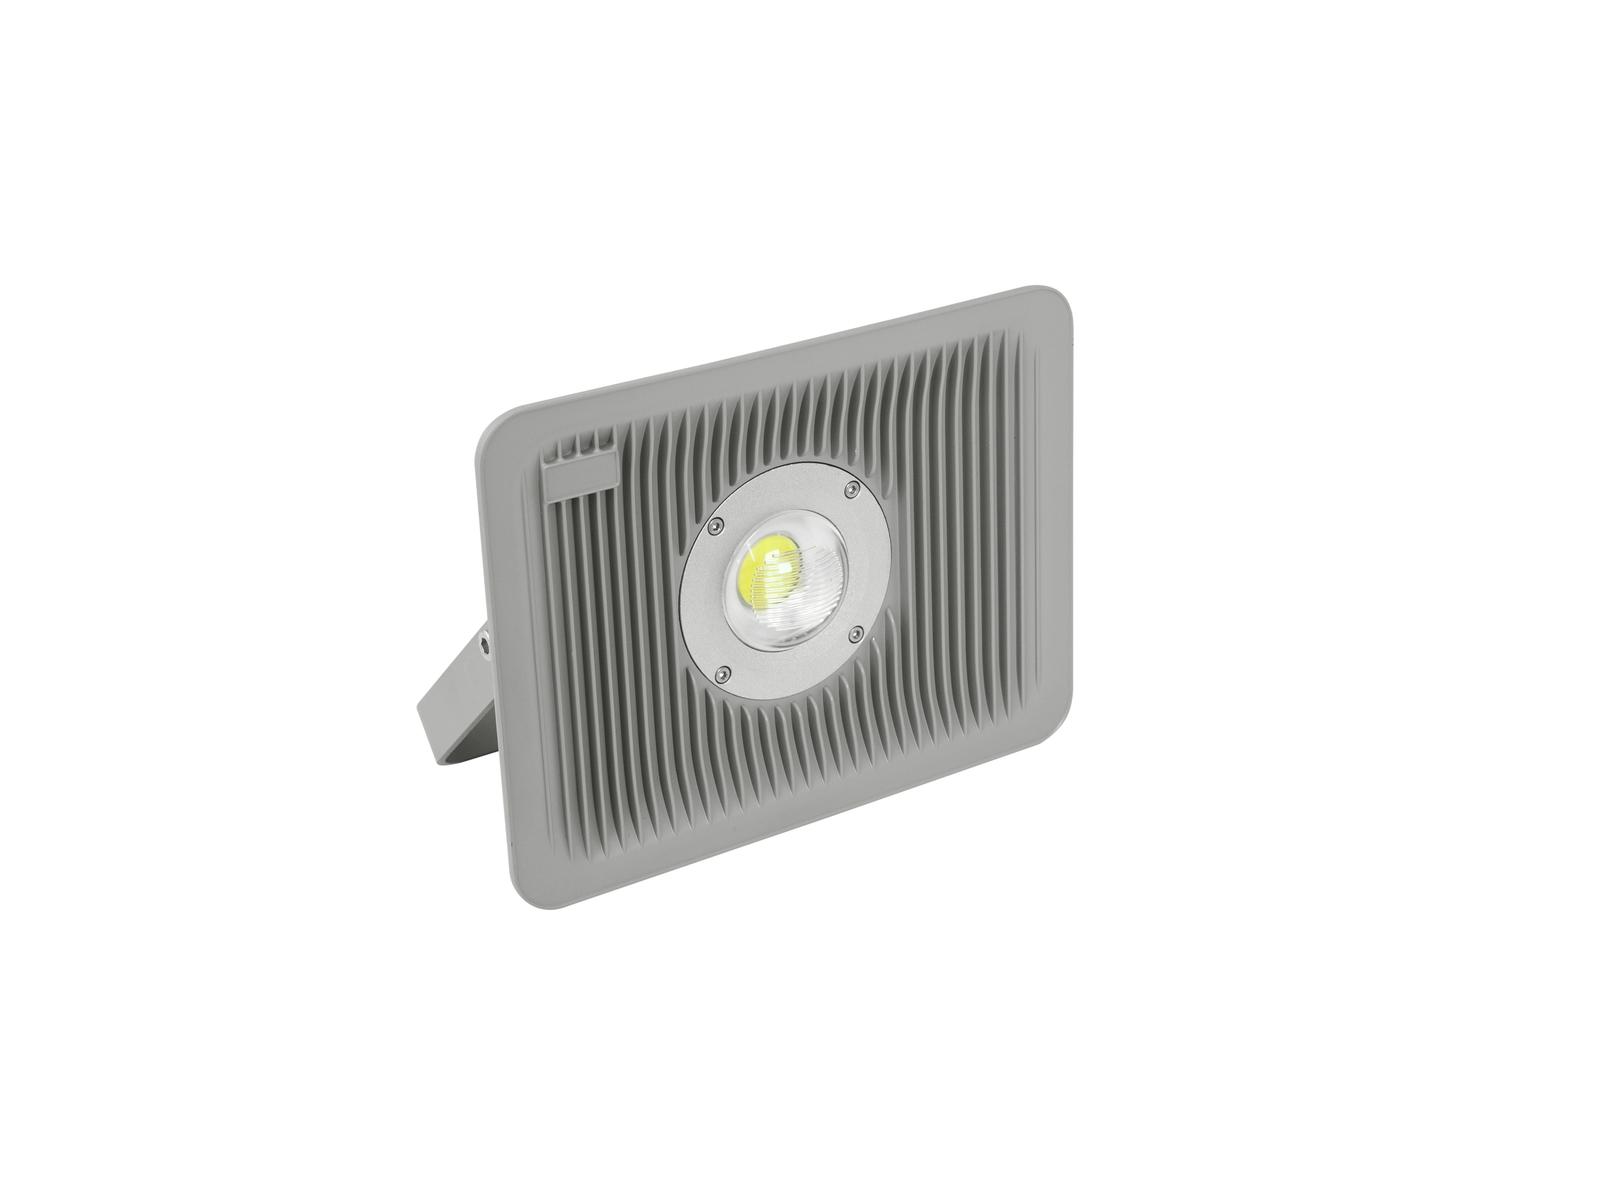 EUROLITE LED IP FL-50 COB 3000K 120° SLIM